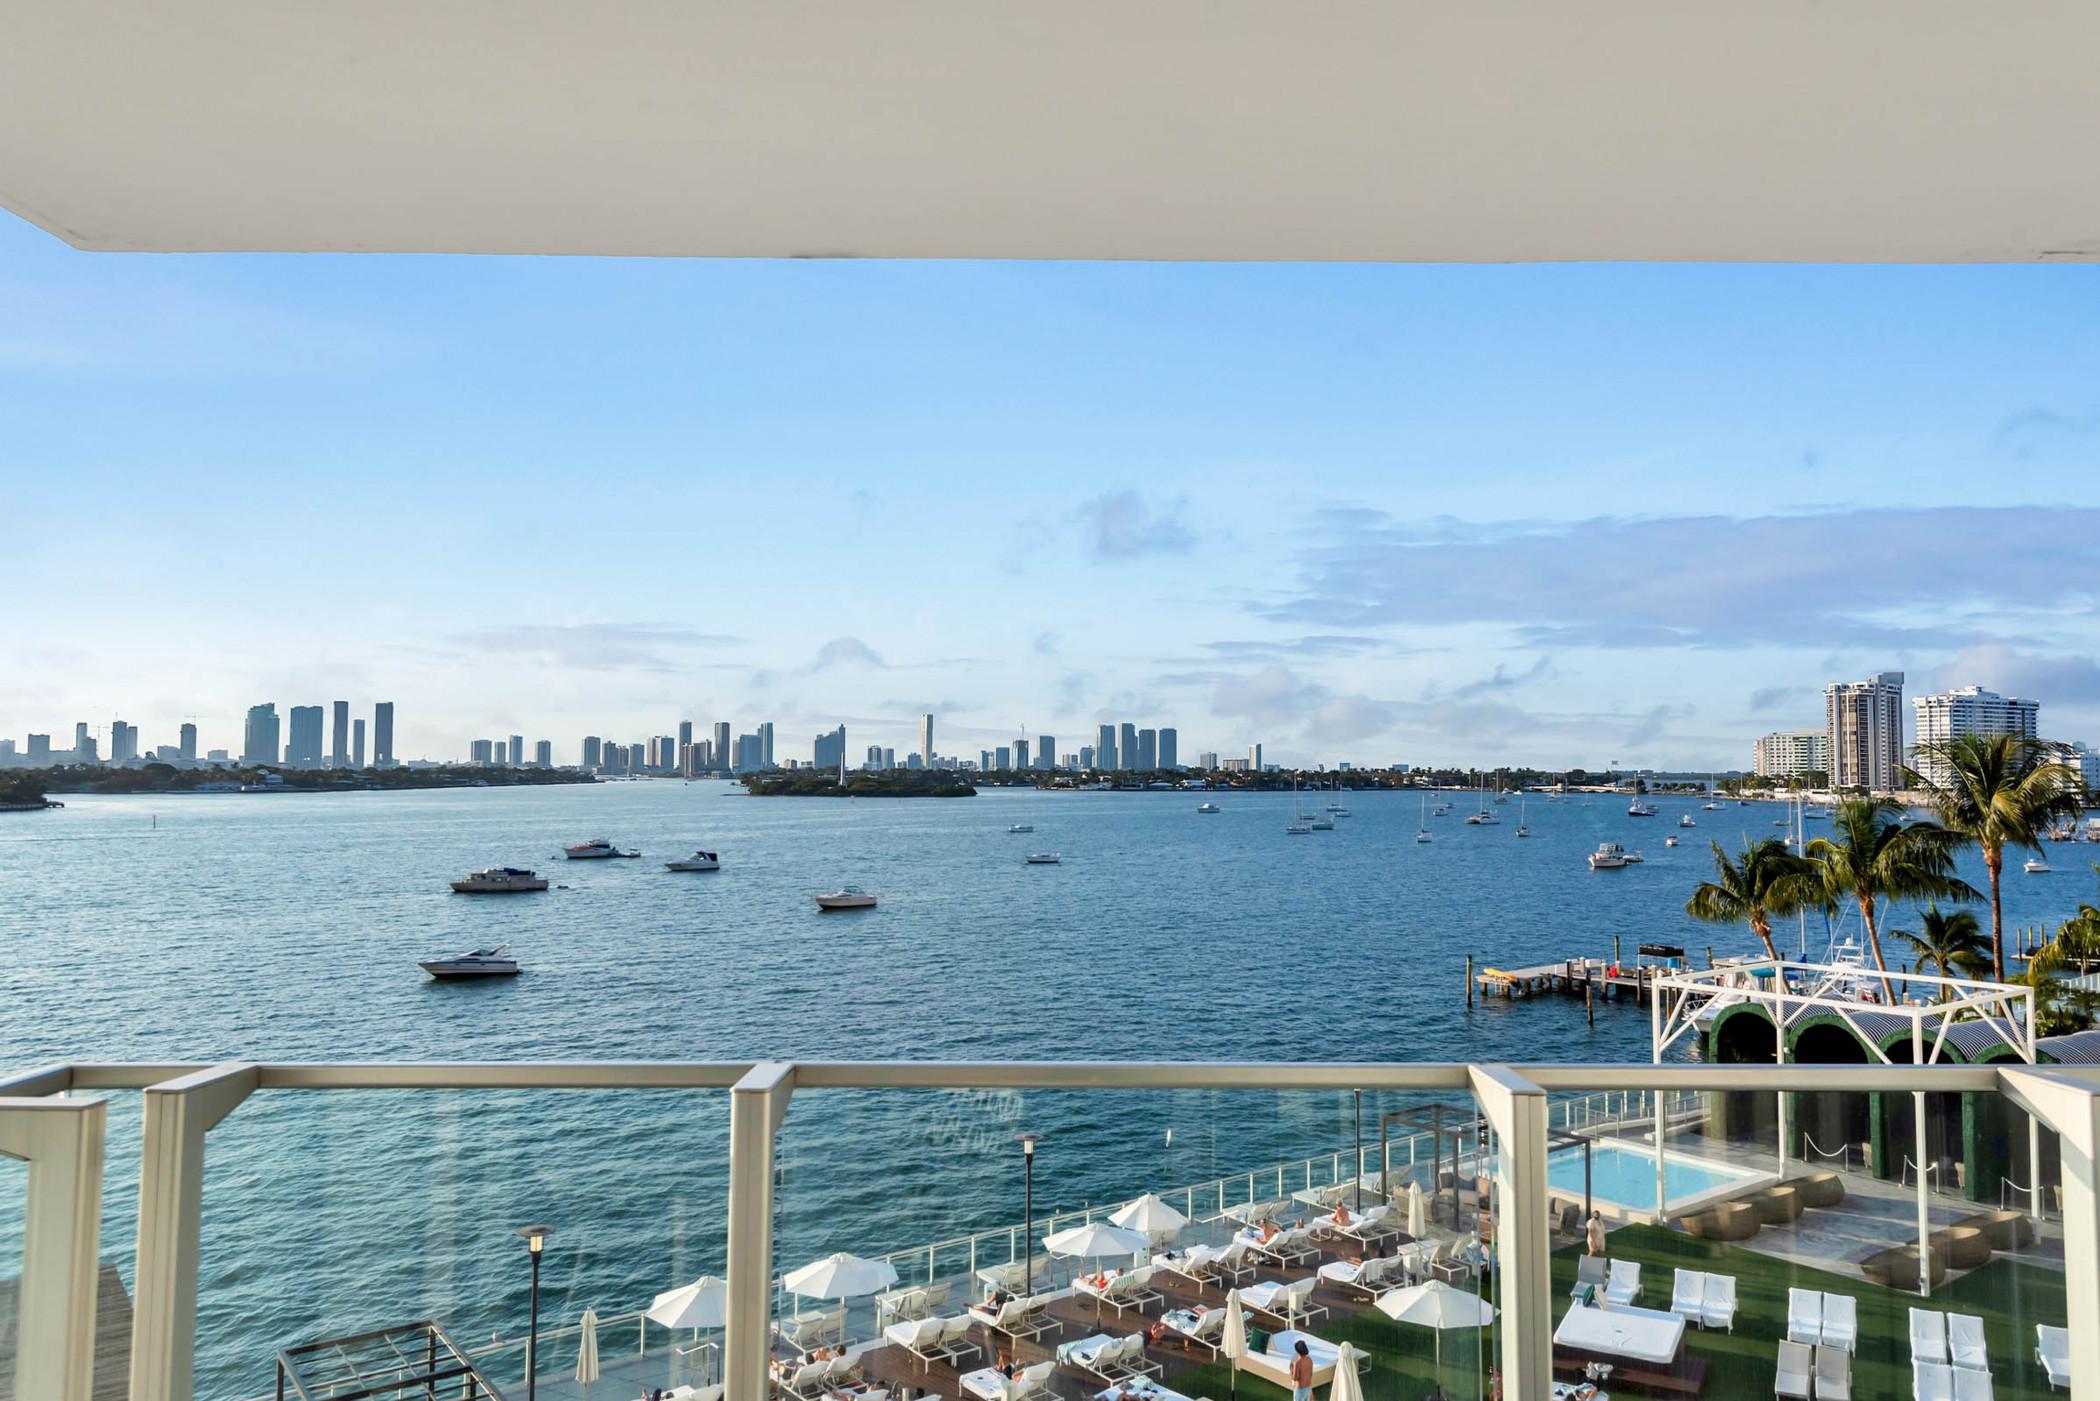 1100 West 522 Bay view Balcony Studio, Gym, Spa, Pool